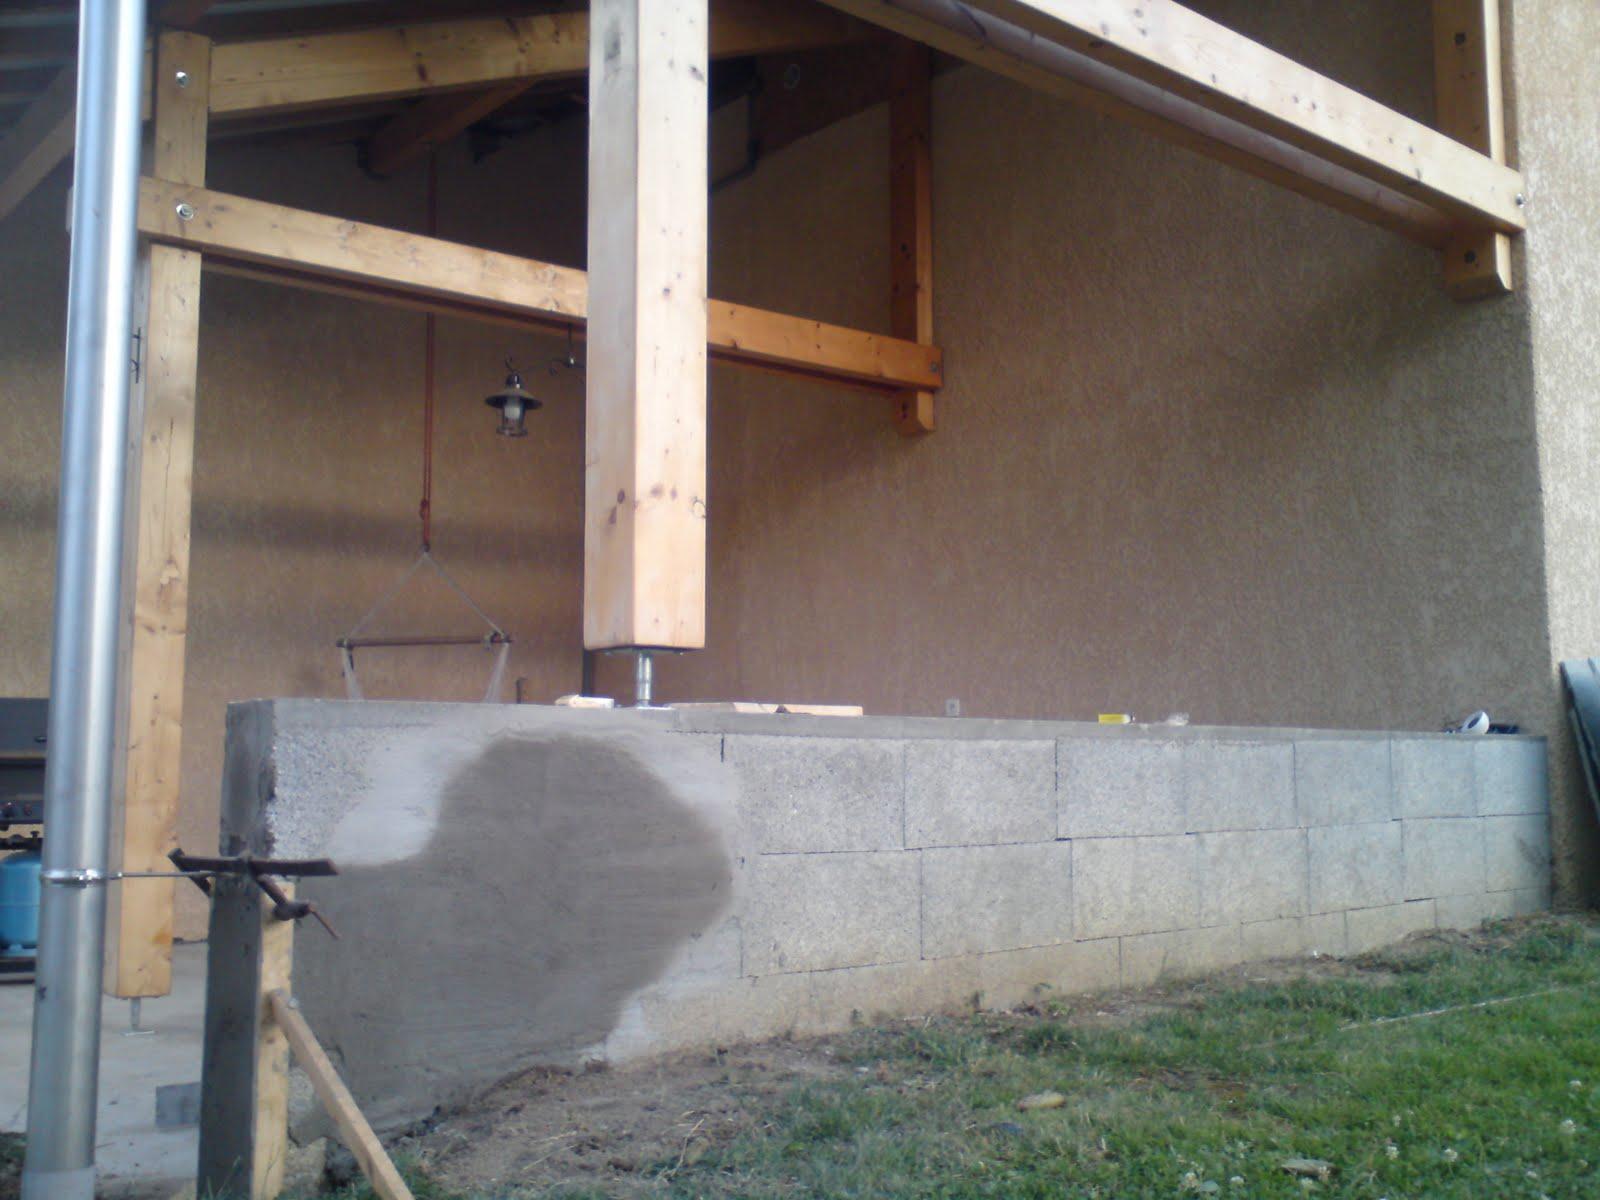 Service bricolage habillage de mur ext rieur en pierre en - Habillage pierre mur exterieur ...